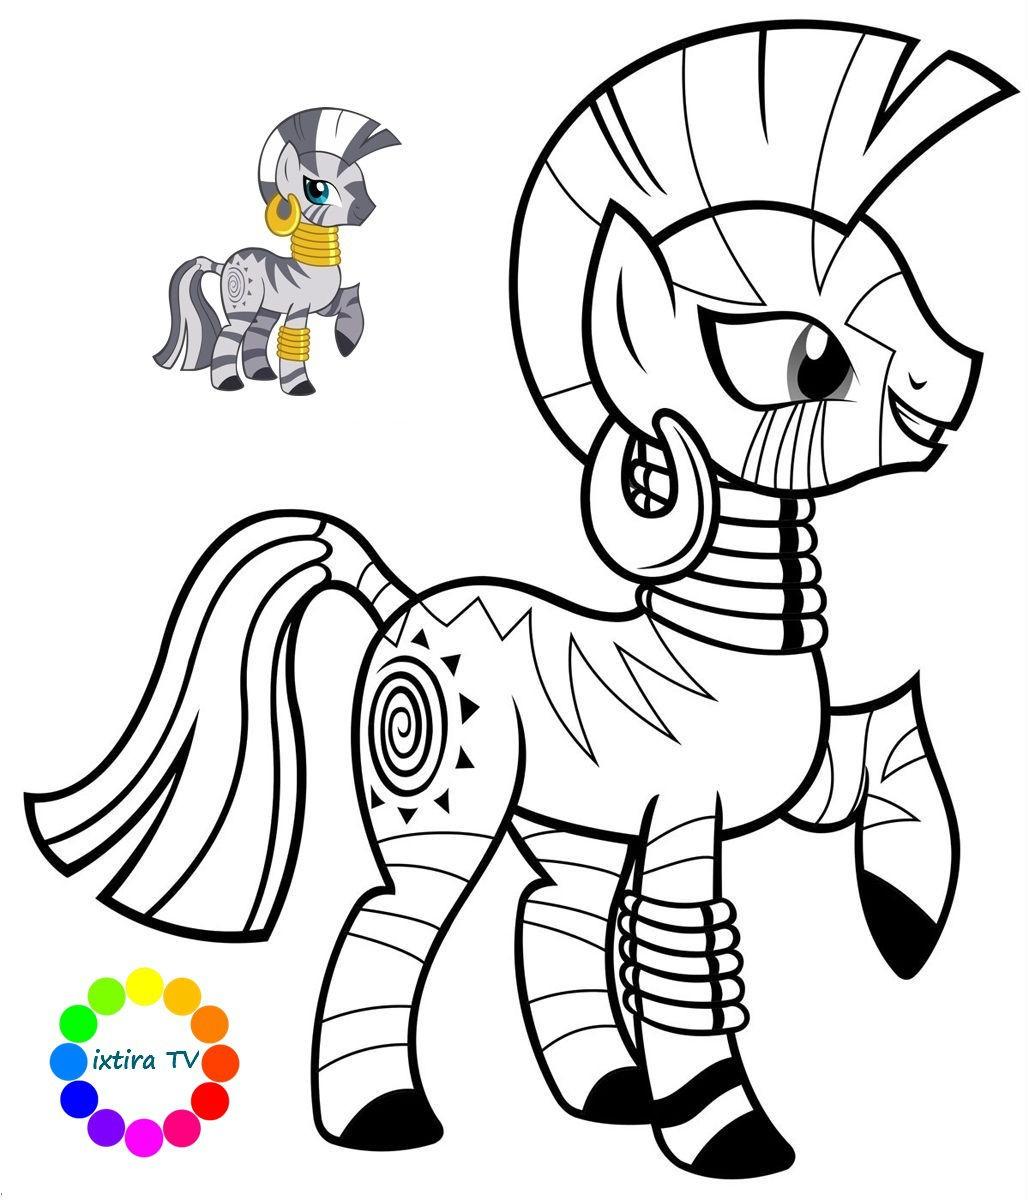 май литл пони раскраски для детей распечатать бесплатно в